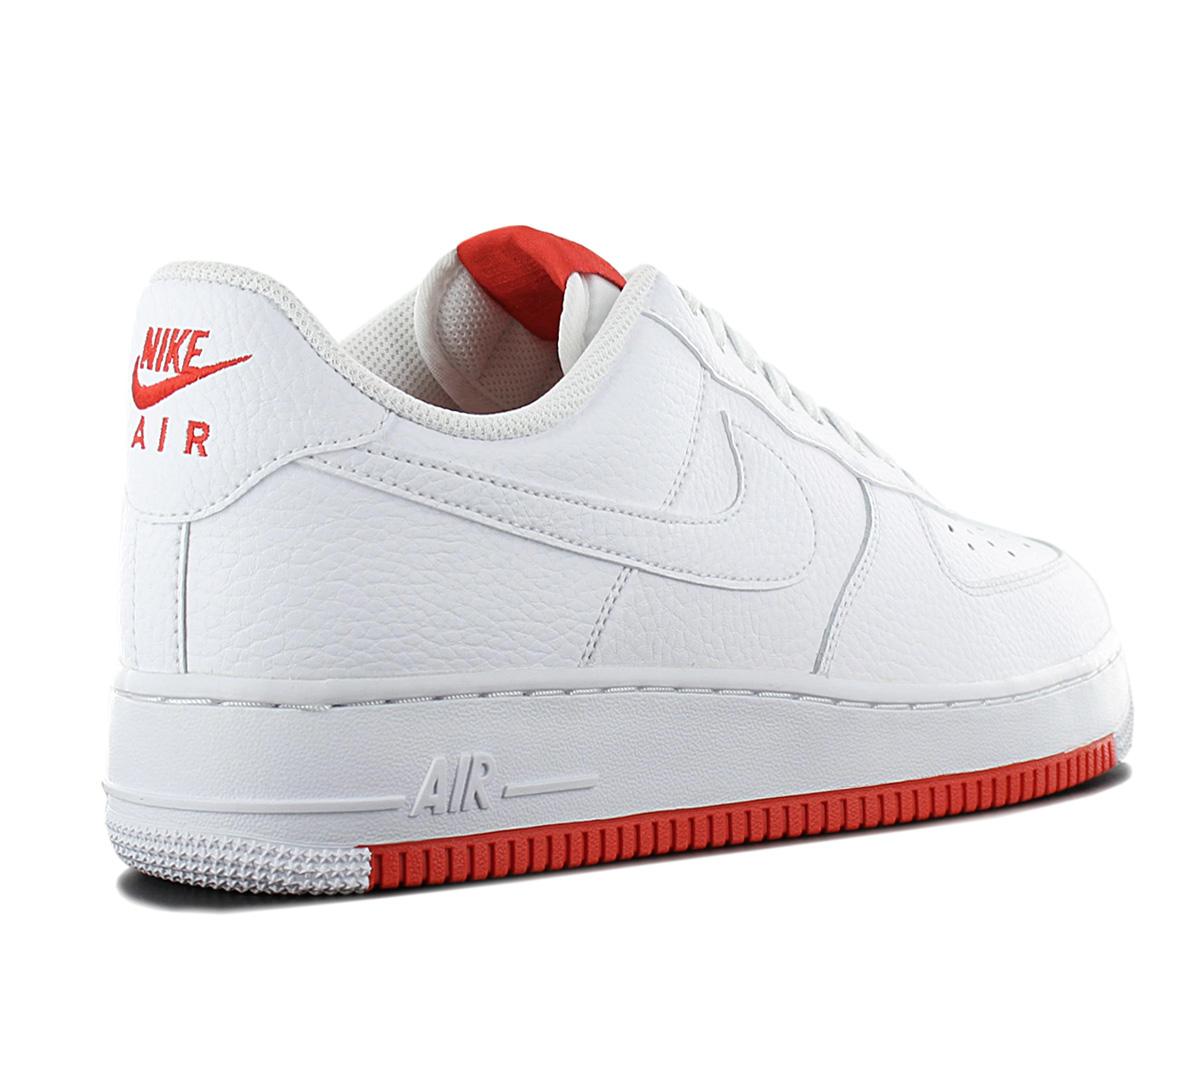 Details zu Nike Air Force 1 Low 07 Herren Sneaker AO2409 101 Weiß Leder Schuhe Turnschuhe